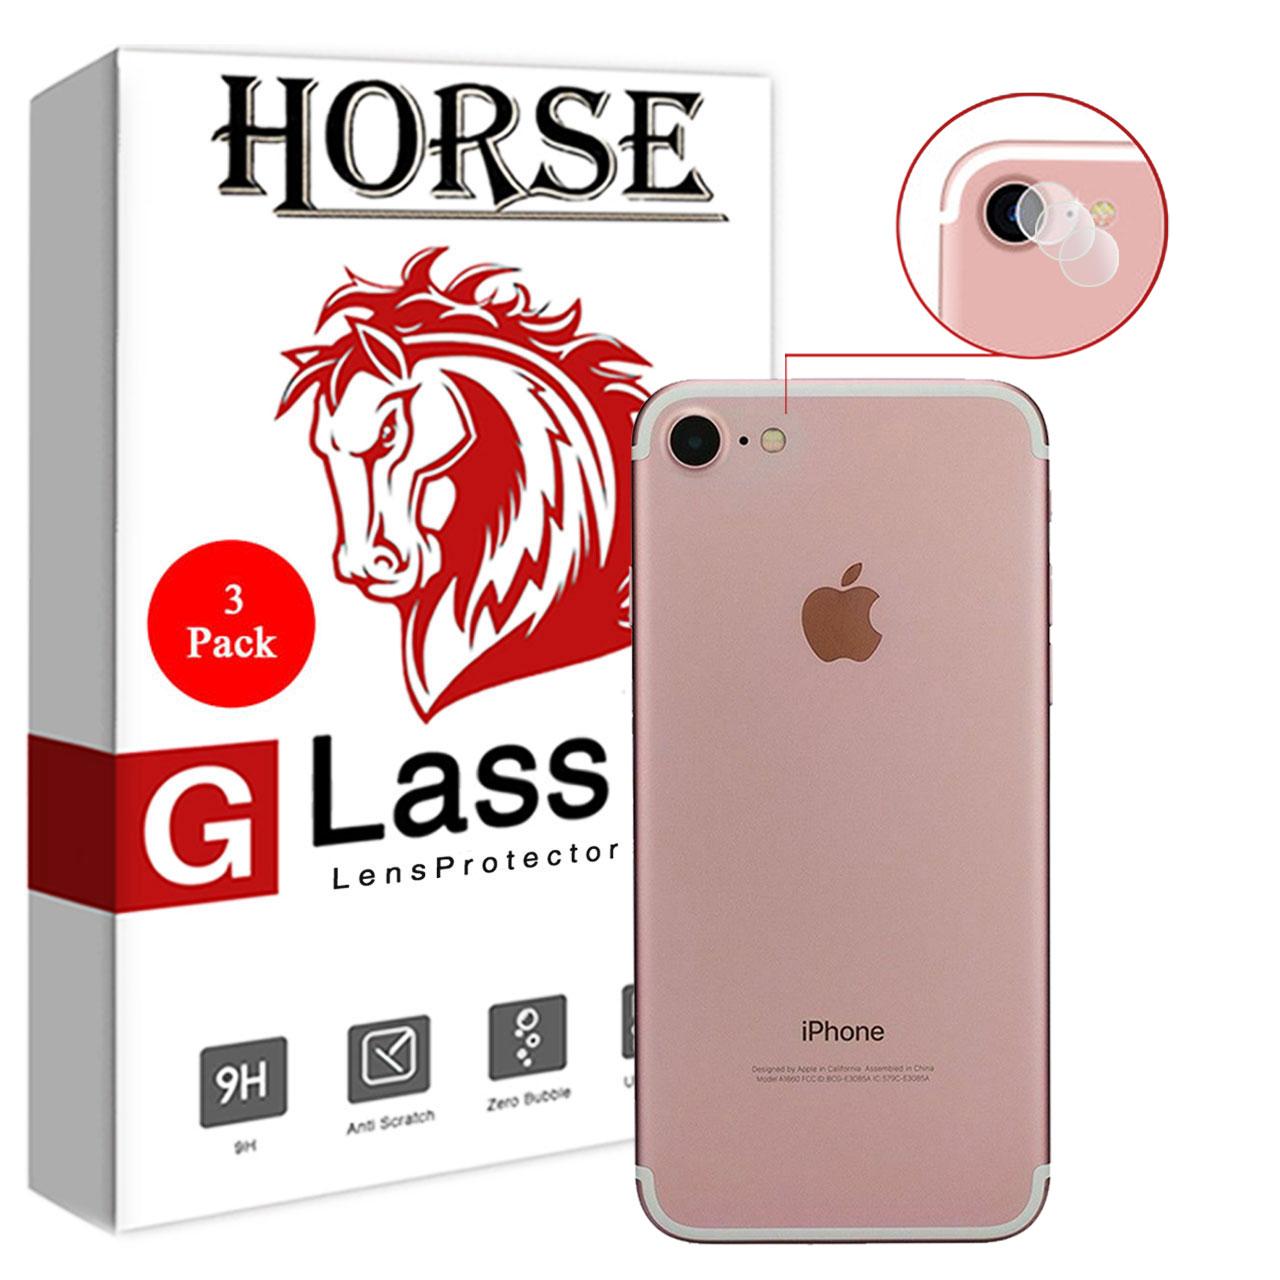 محافظ لنز دوربین هورس مدل UTF مناسب برای گوشی موبایل اپل iPhone 7 بسته سه عددی thumb